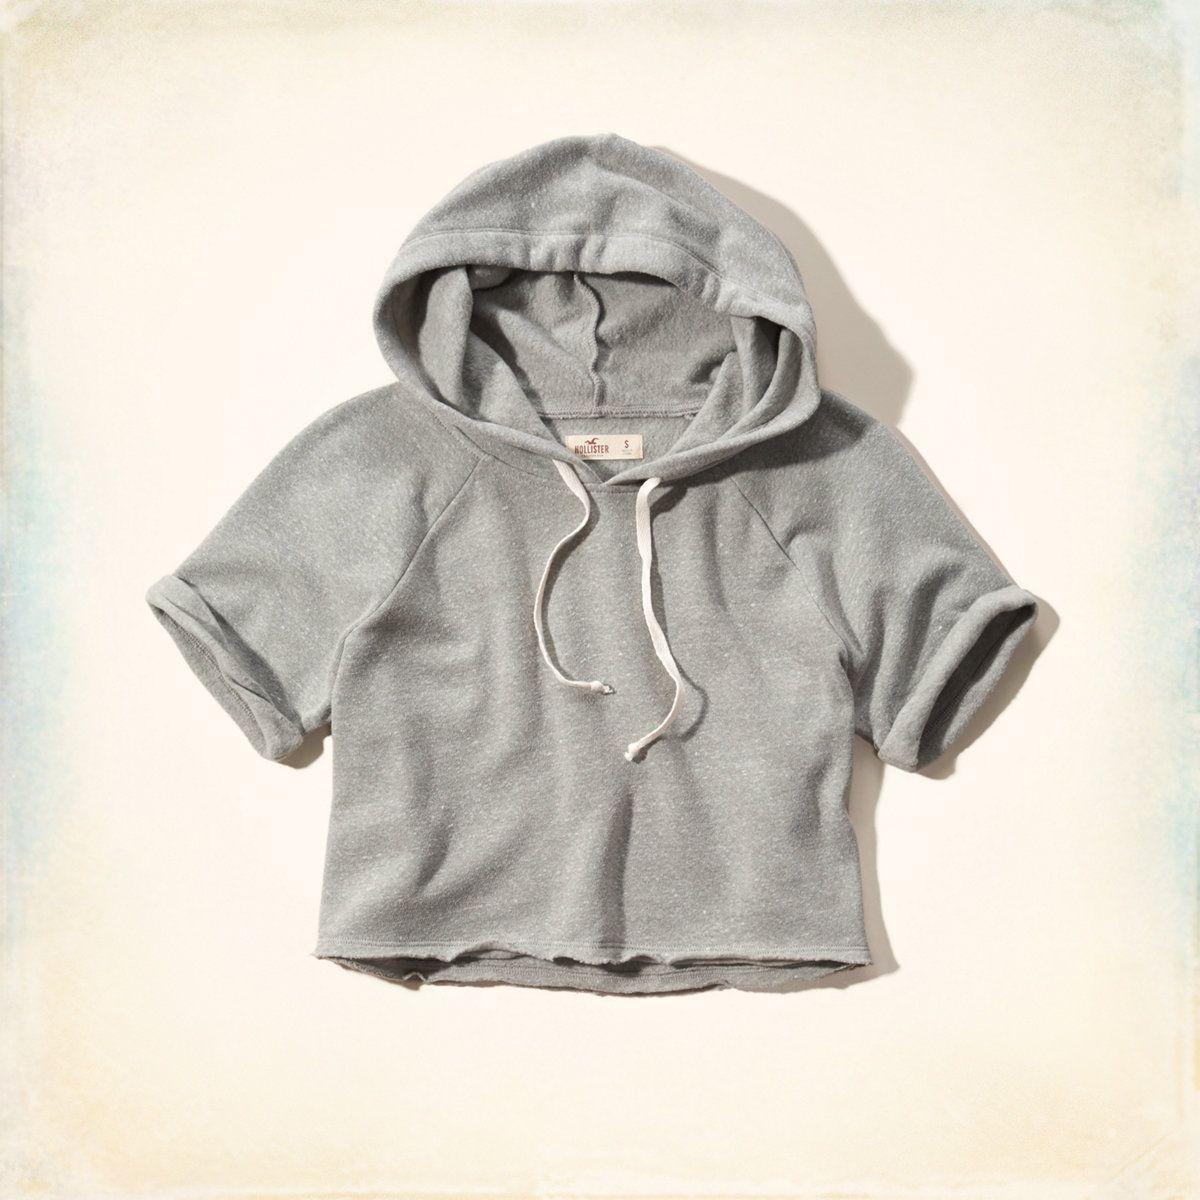 Cutoff Short Sleeve Hoodie Short Sleeve Hoodie Hoodies Hooded Sweatshirts Diy